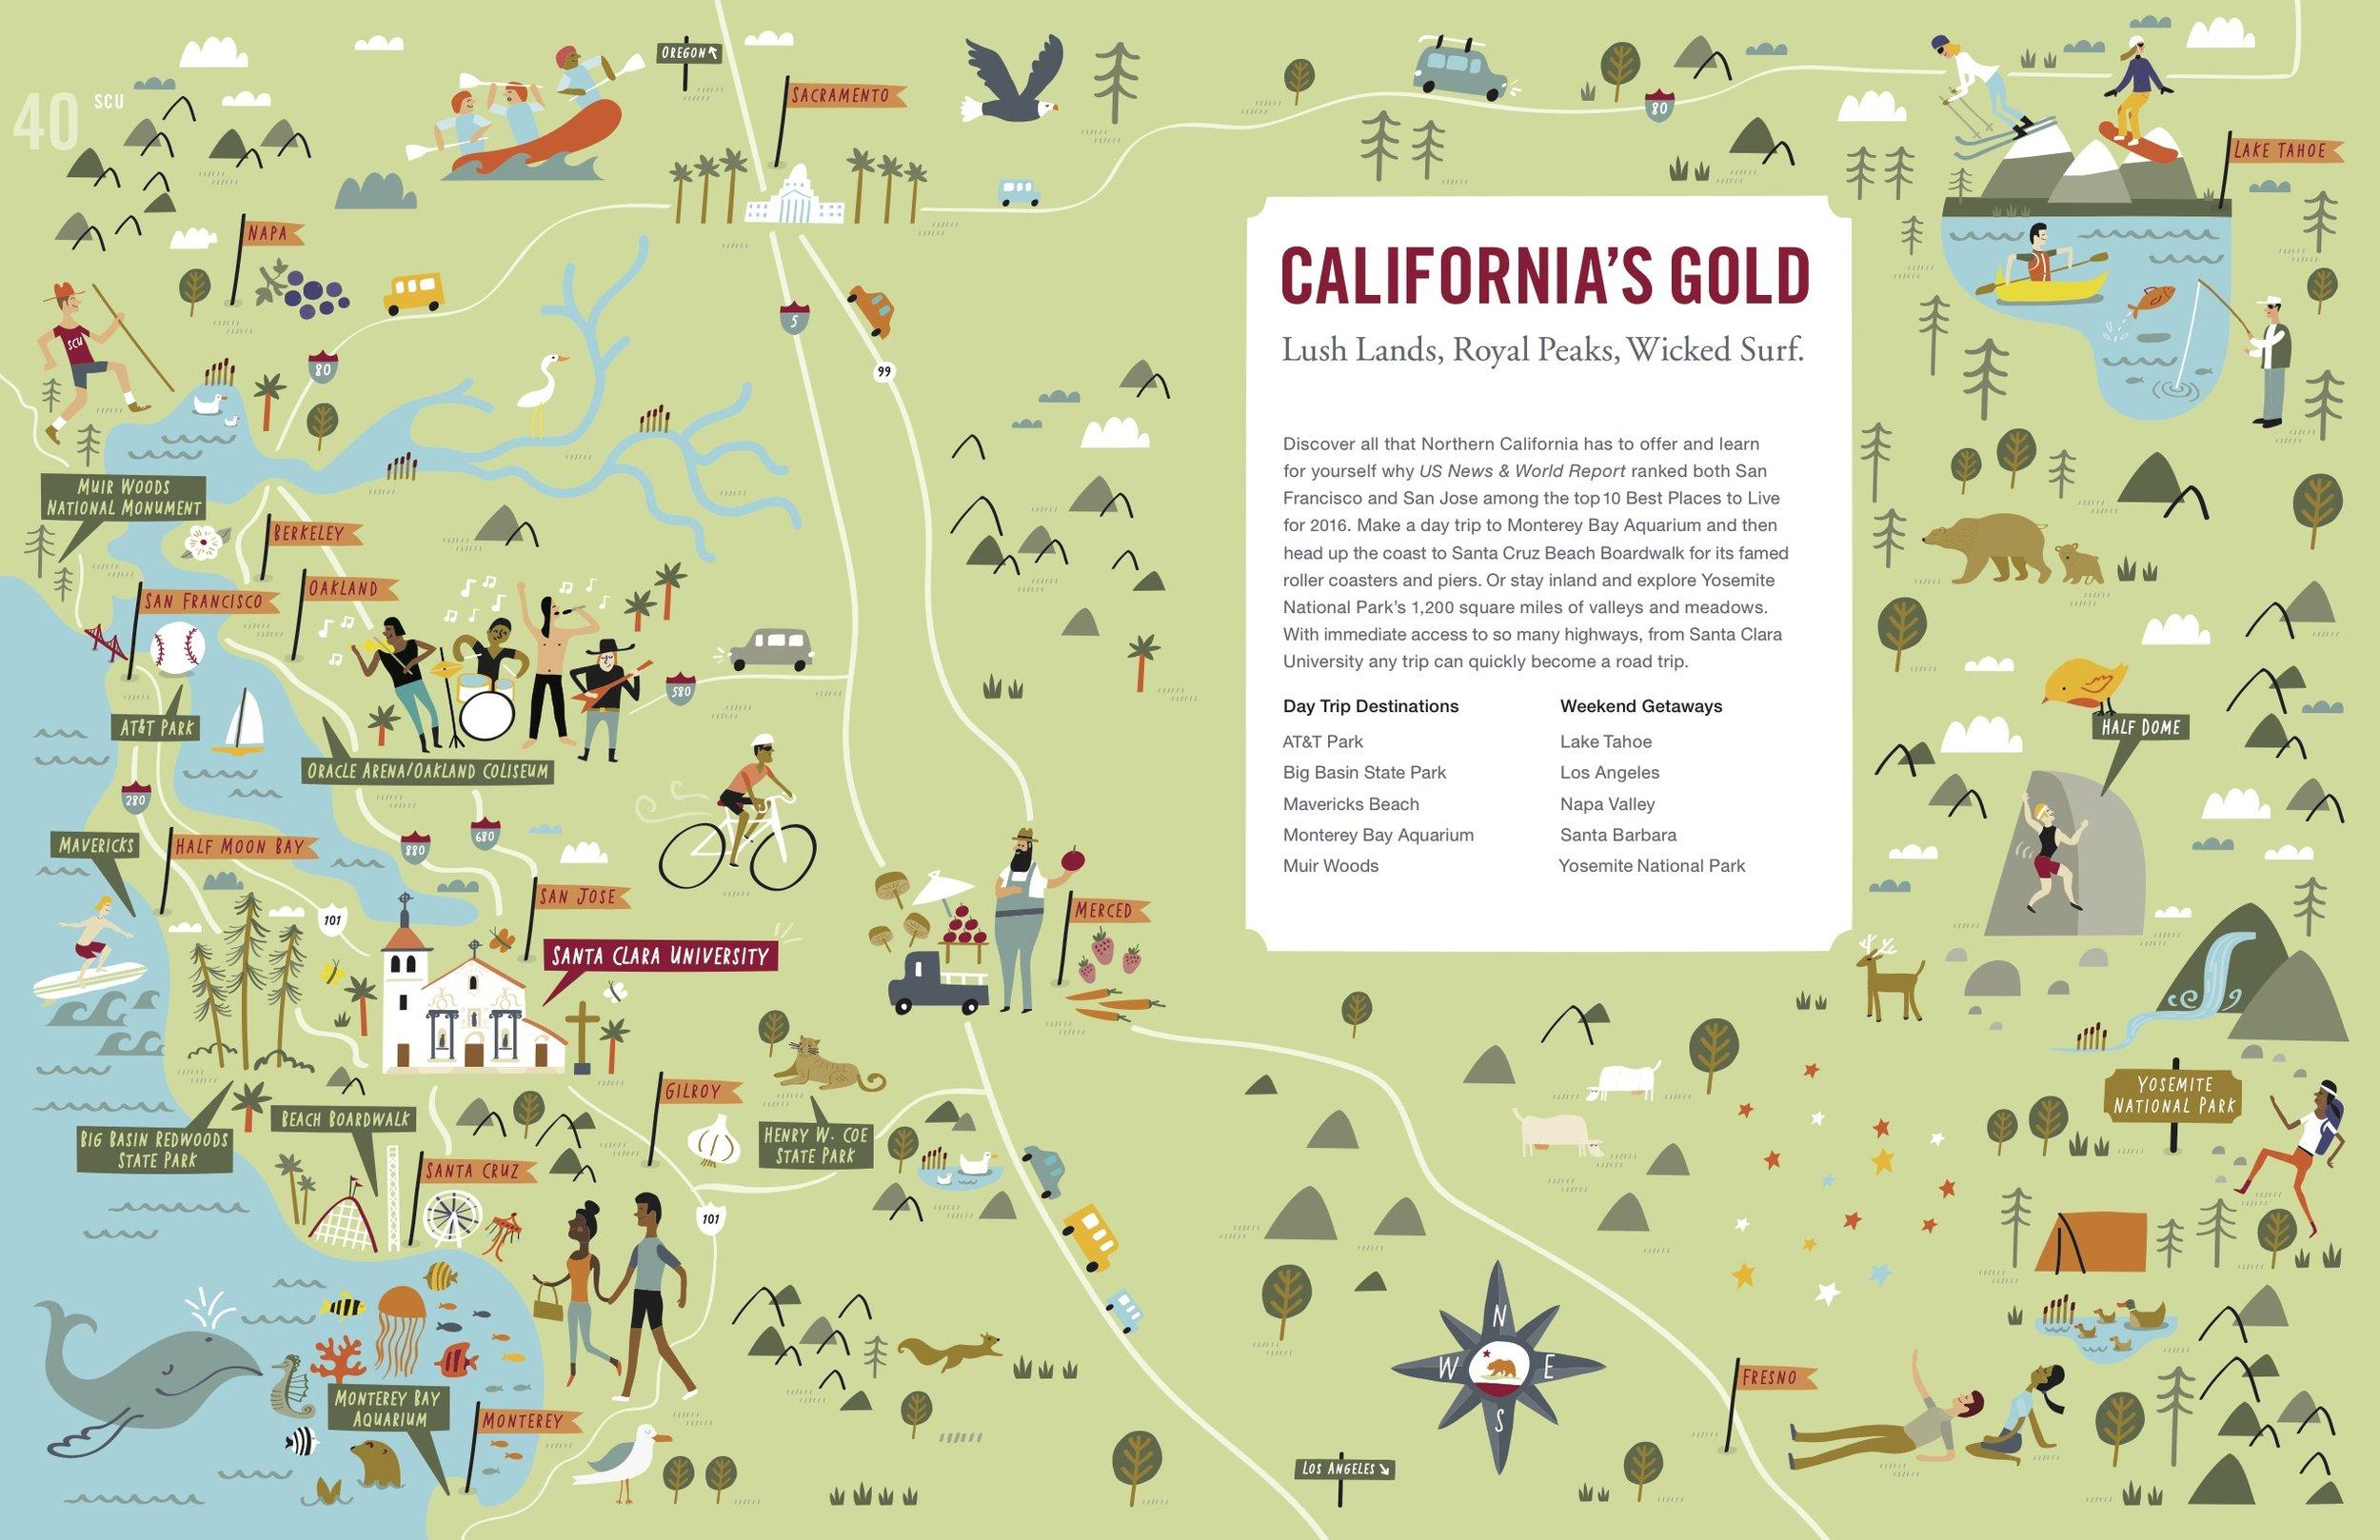 Santa Clara University - Map location: San Francisco Bay Area, CA